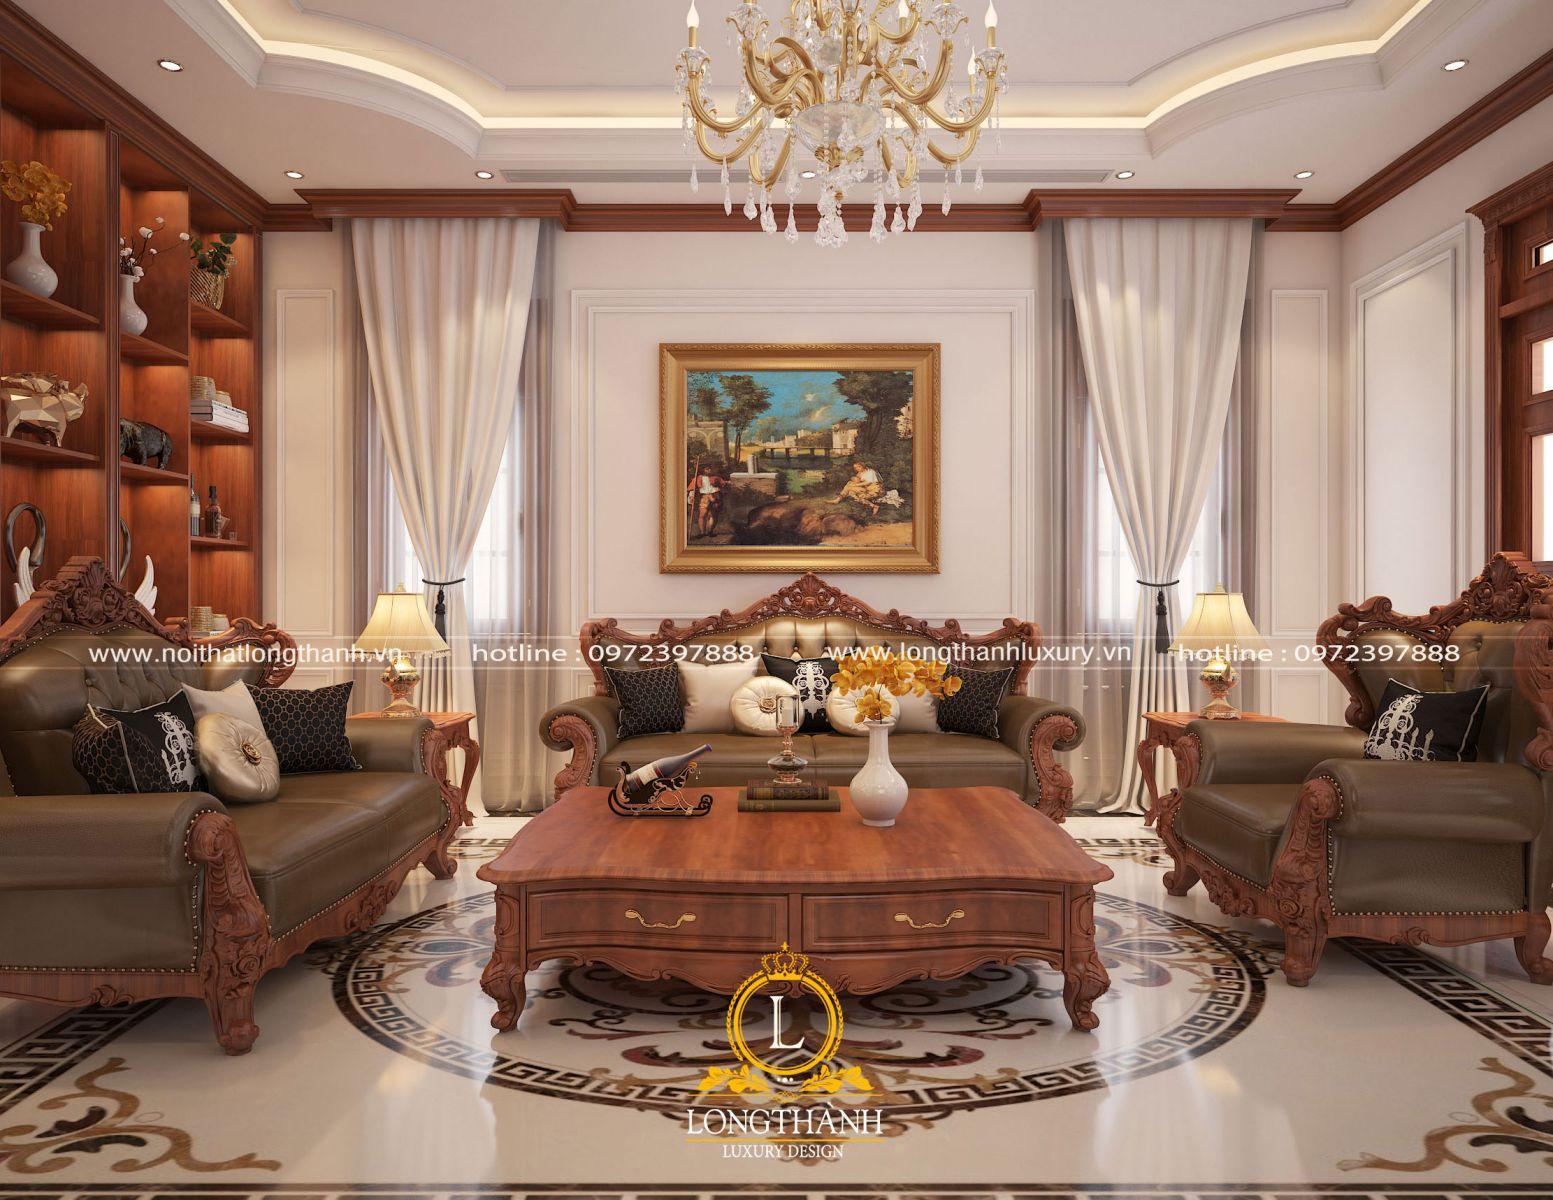 Căn phòng khách biệt thự thiết kế theo phong cách tân cổ điển được sử dụng nội thất tông màu trầm